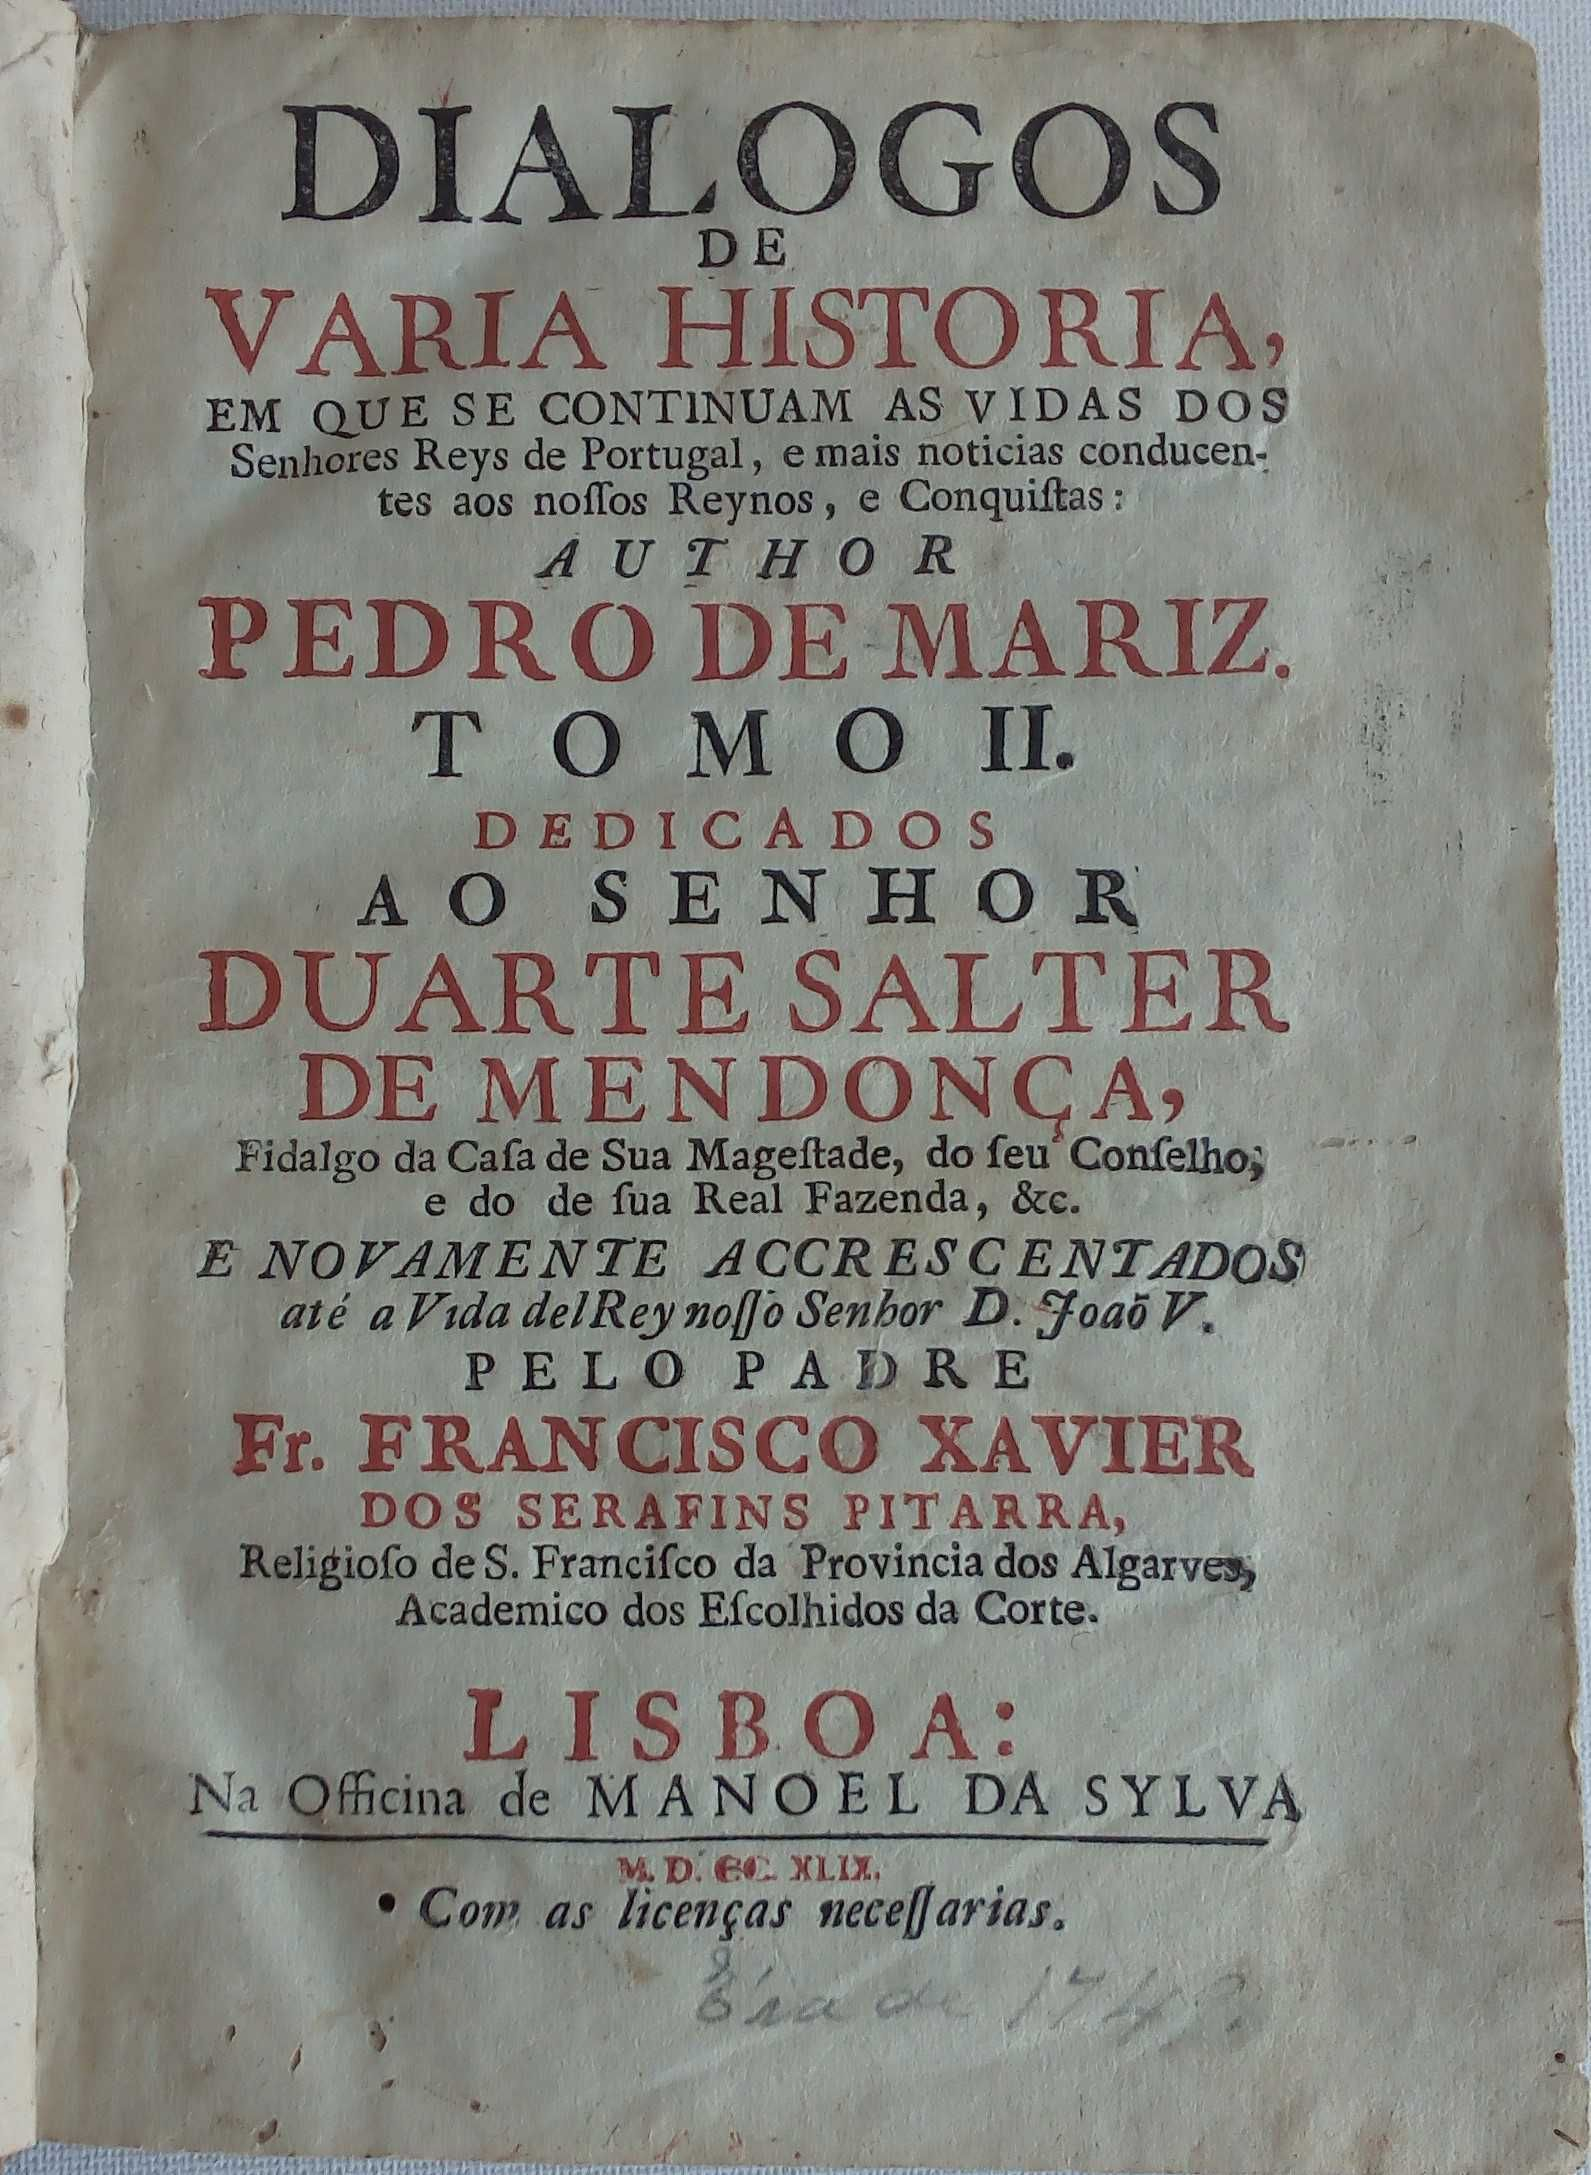 diálogos de varia história  senhores reys de Portugal / pedro de mariz